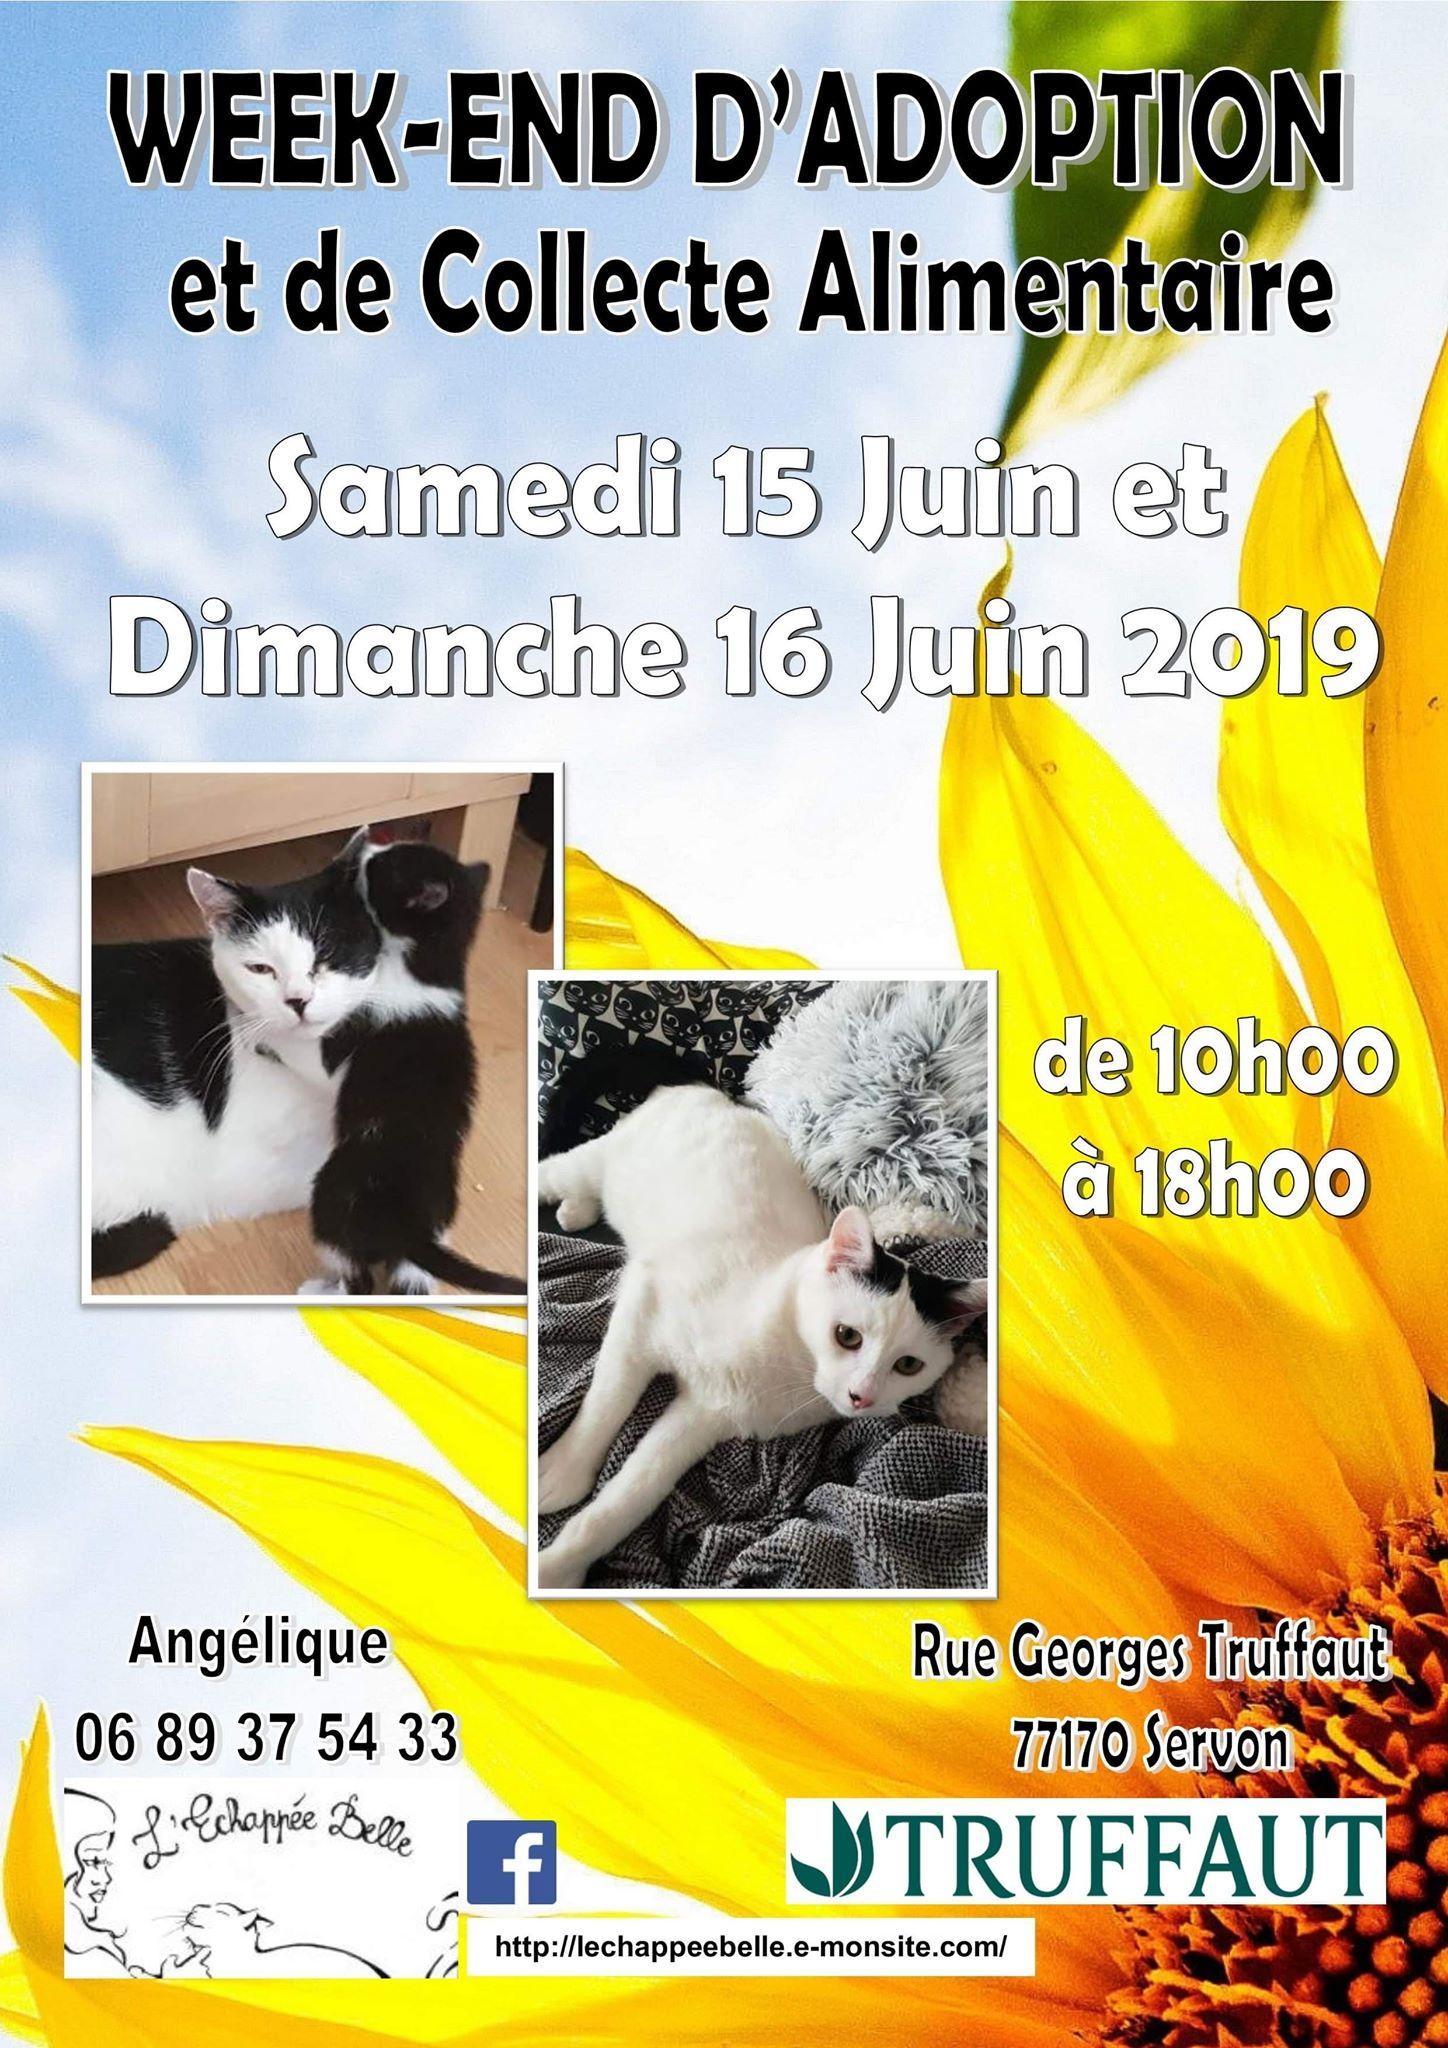 Week- end d'adoption et de collecte les 15 et  16 Juin 2019 Truffaut servon 77